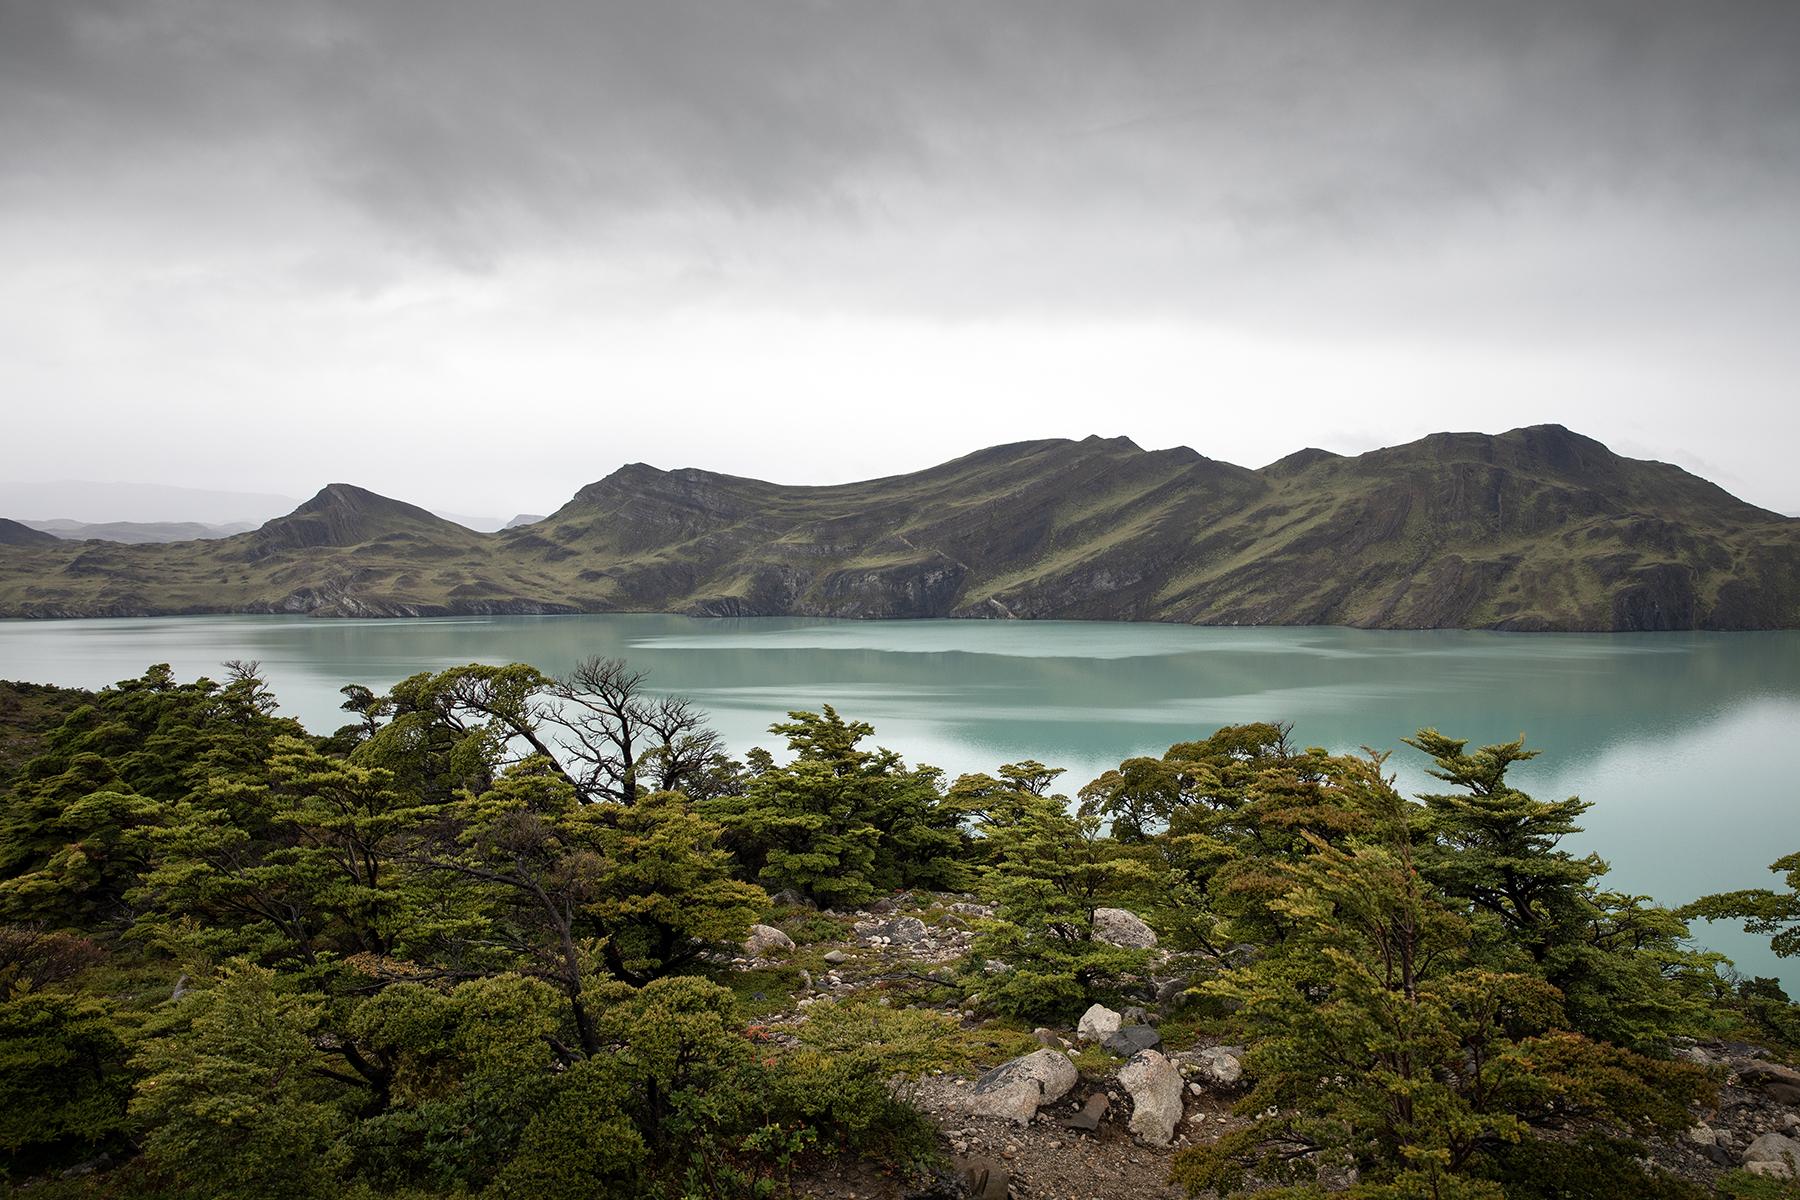 Lac Nordernskjold